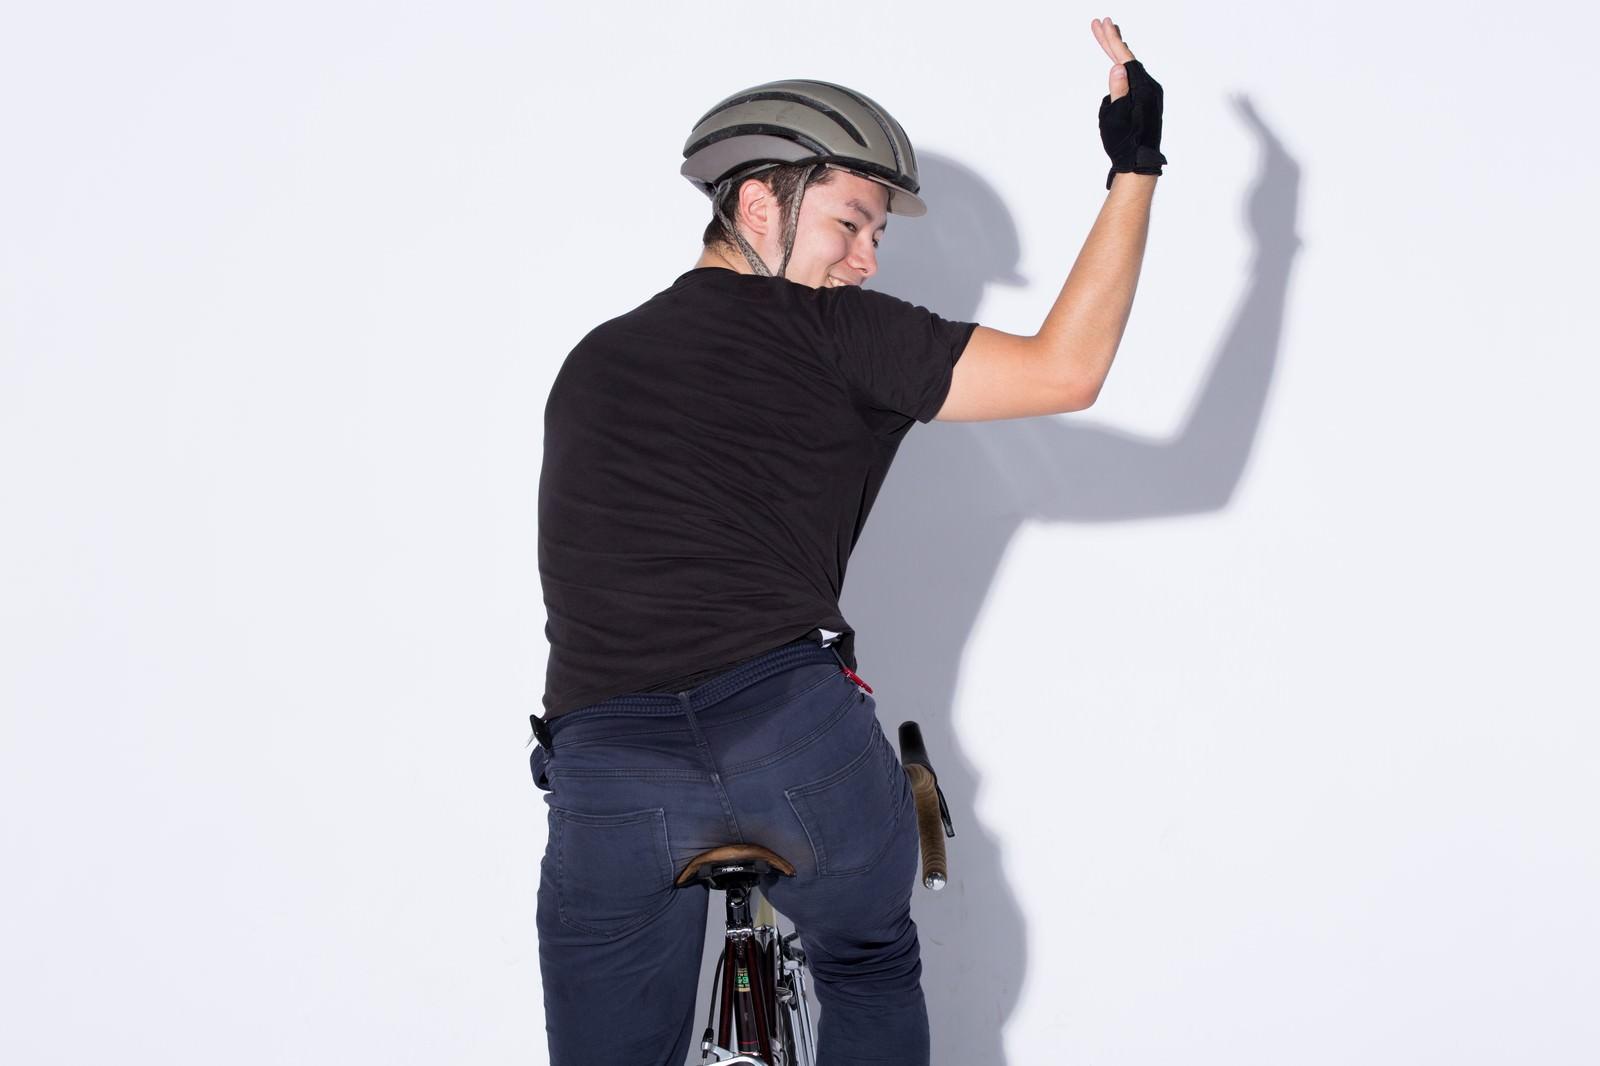 「自転車の手信号「左折」 | 写真の無料素材・フリー素材 - ぱくたそ」の写真[モデル:けんたさん]